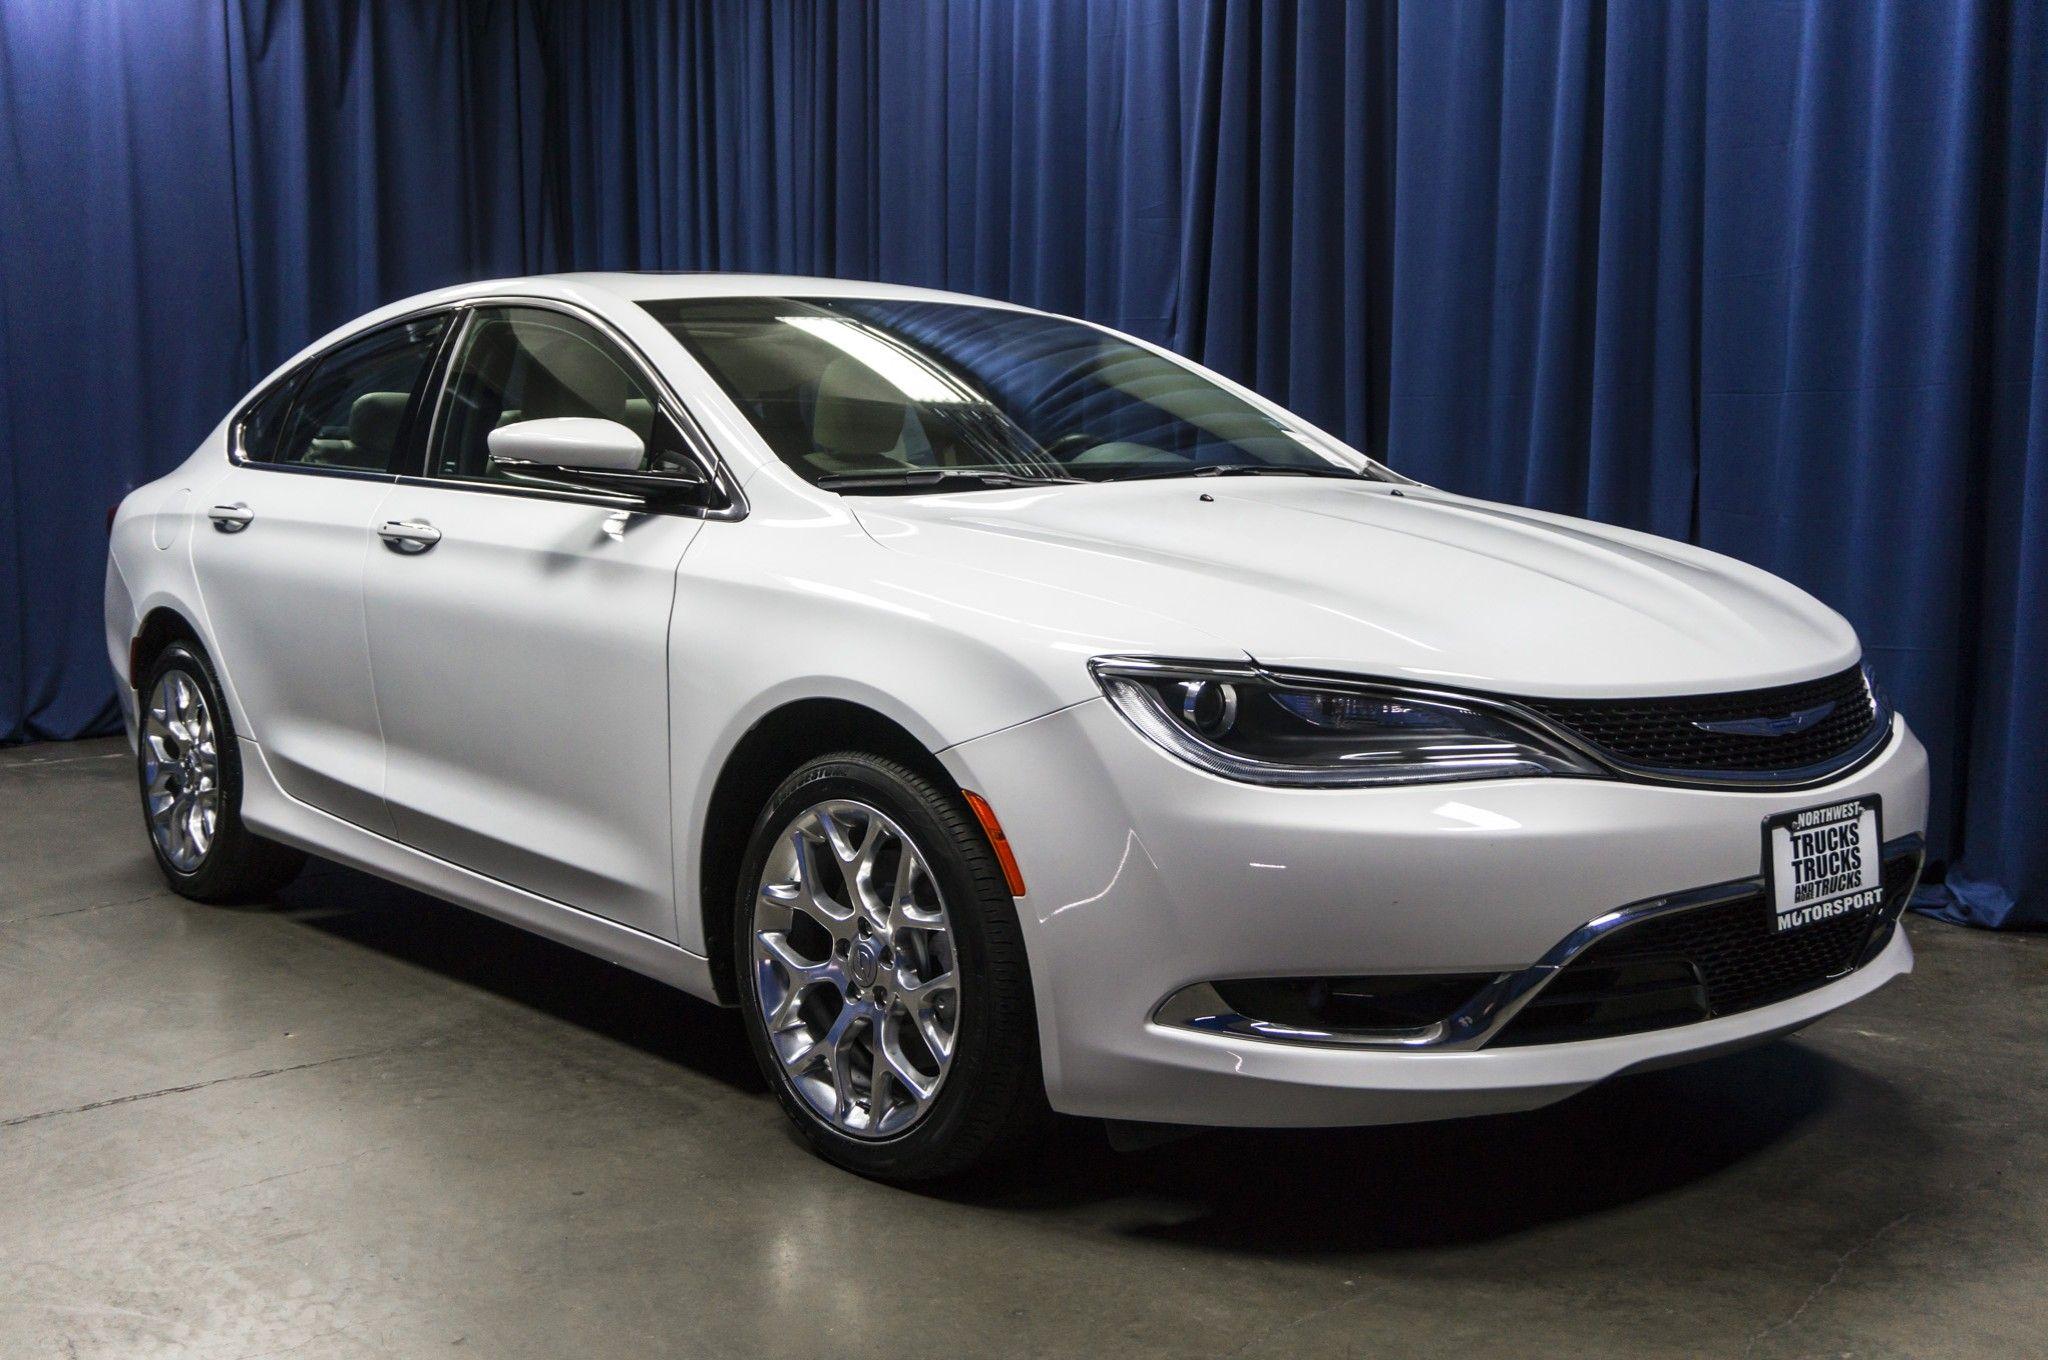 2015 Chrysler 200 C Rwd Chrysler 200 Chrysler Sedan